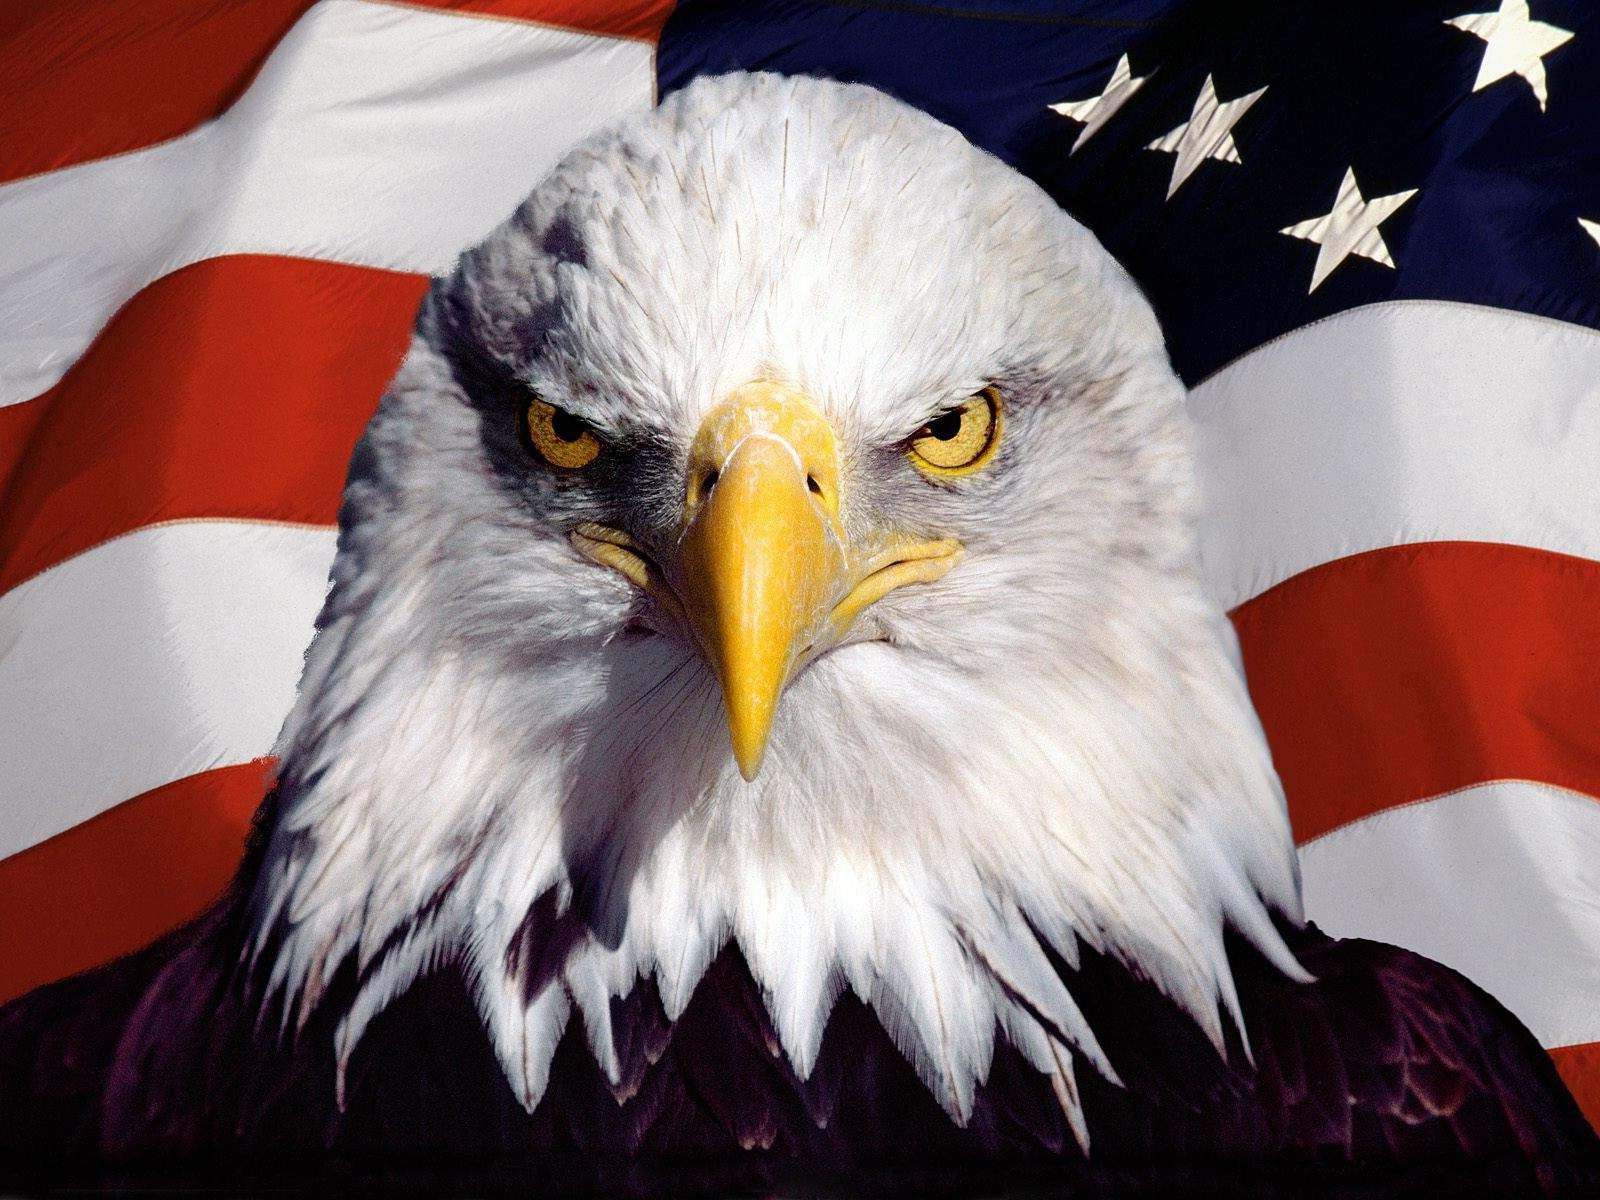 Kop van een arend voor de Amerikaanse vlag 1600x1200